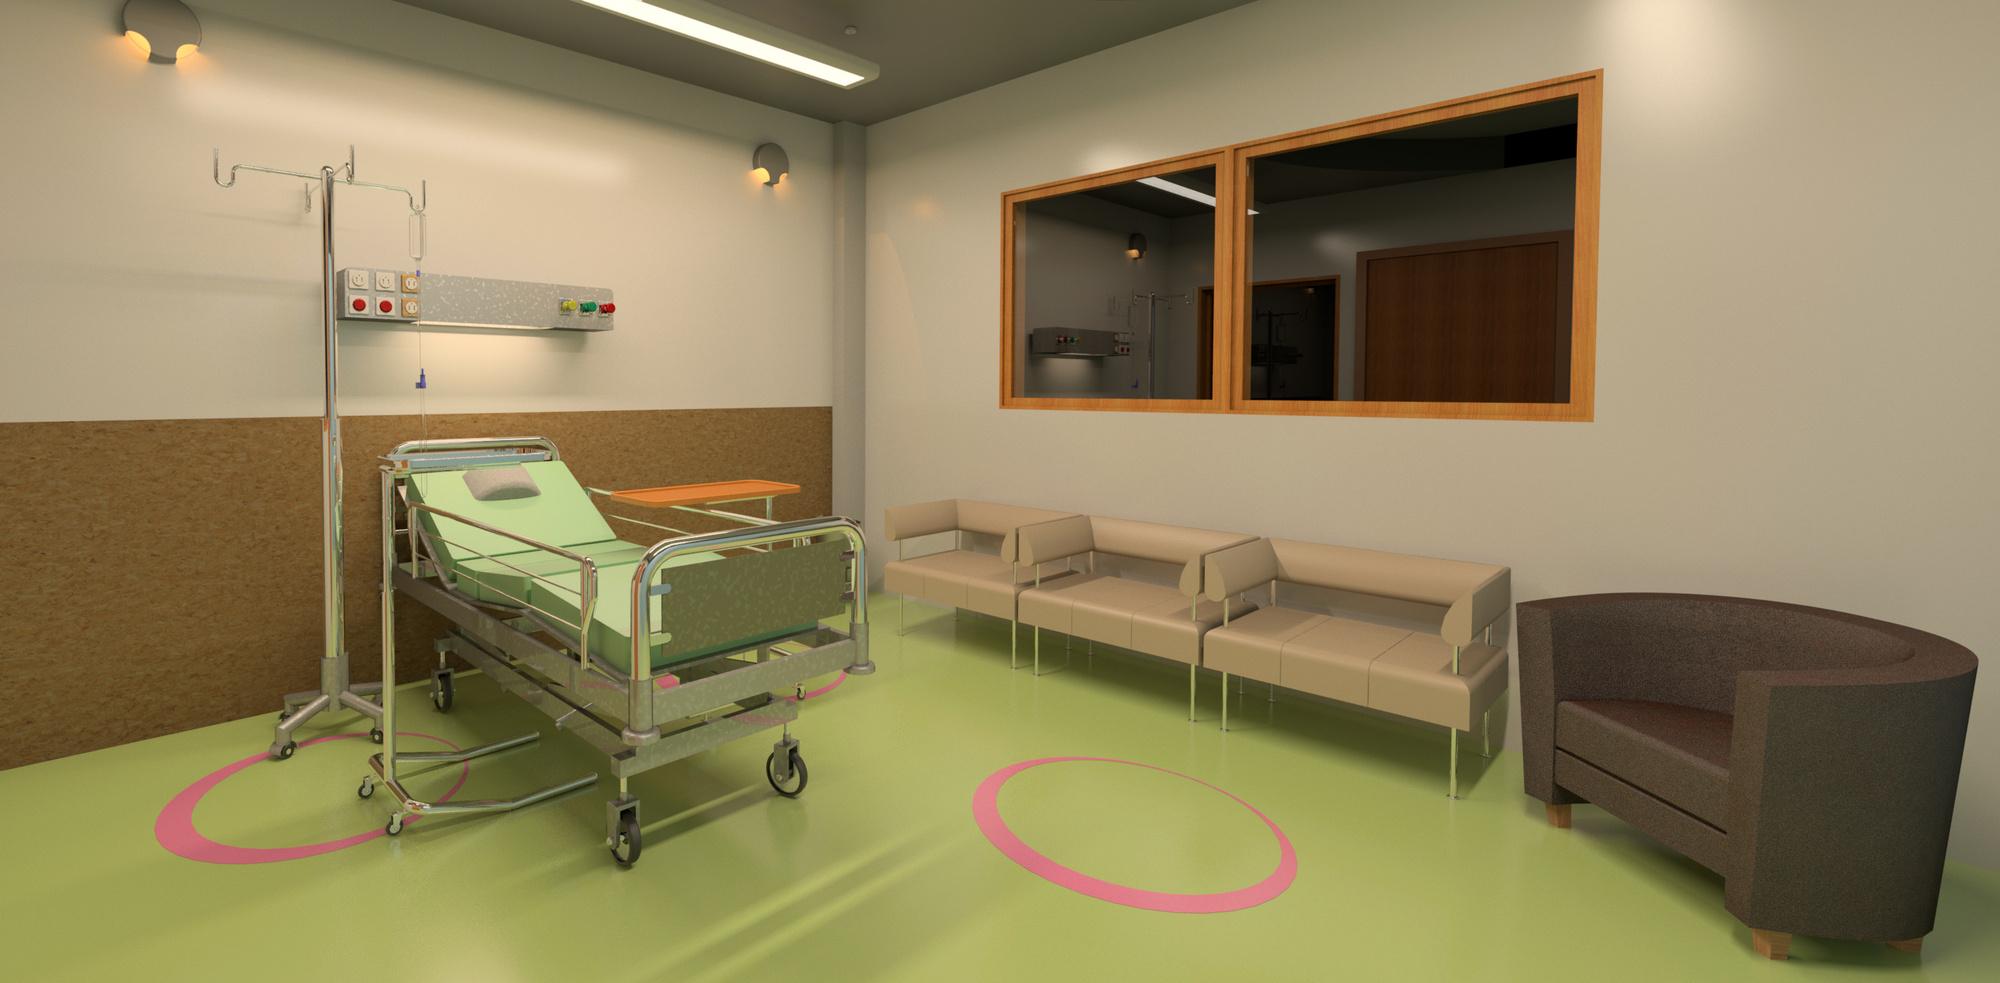 Raas-rendering20150421-20667-1co8scs